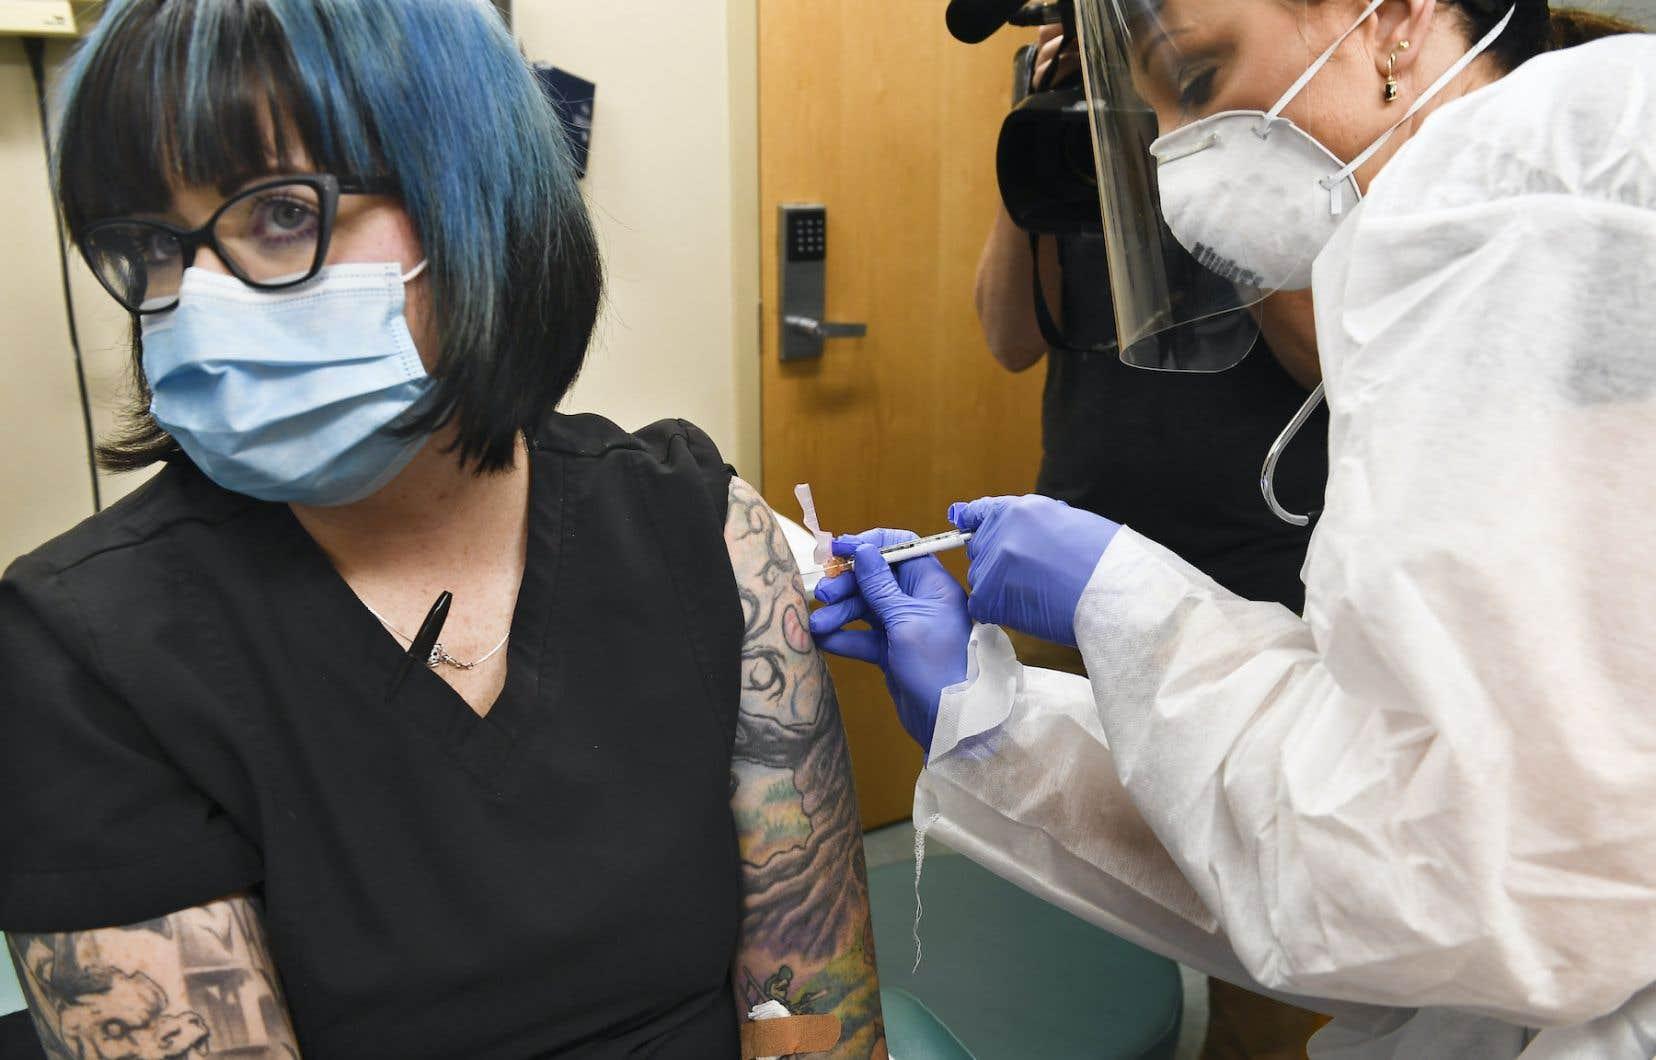 L'infirmière Melissa Harting était lundi matin l'une des premières personnes à se voir injecter le vaccin expérimental de l'entreprise Moderna ou... un placebo.